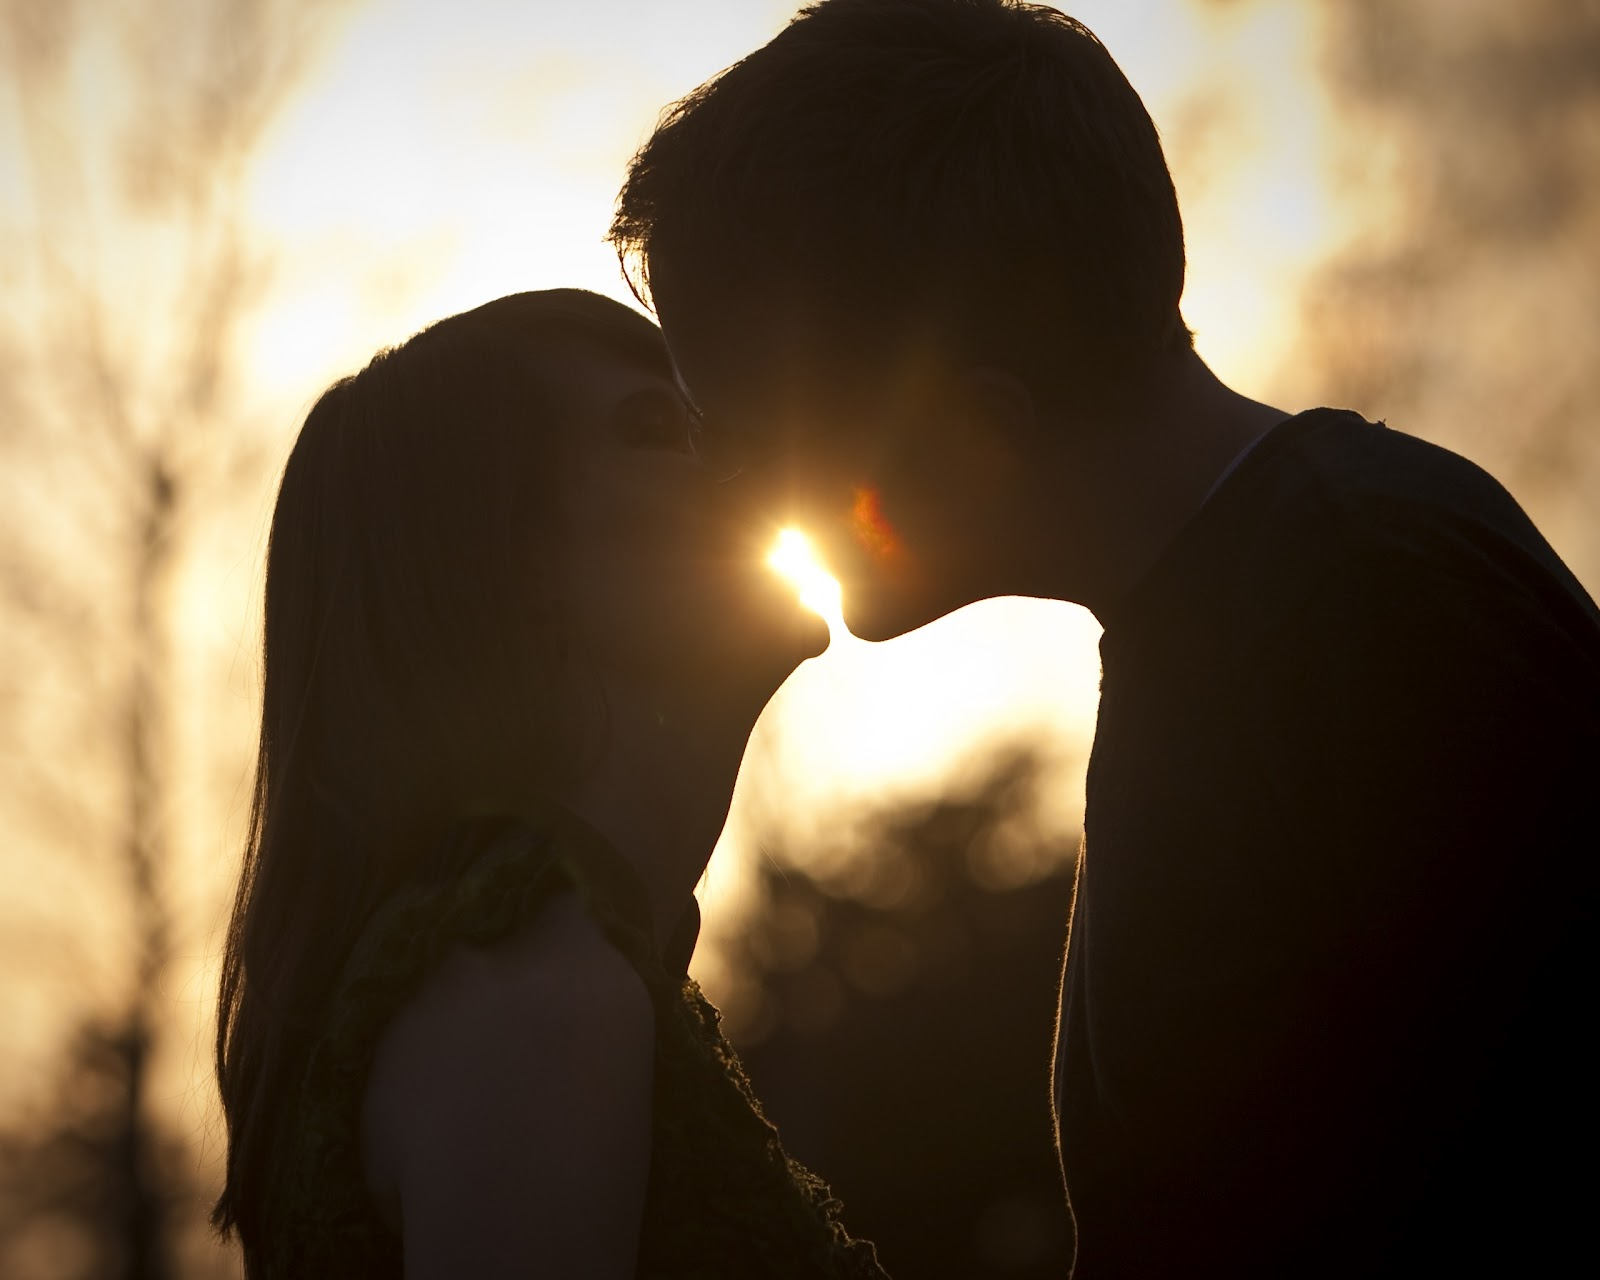 картинки про любовь скачать бесплатно - Анимационные картинки Со стихами скачать бесплатно